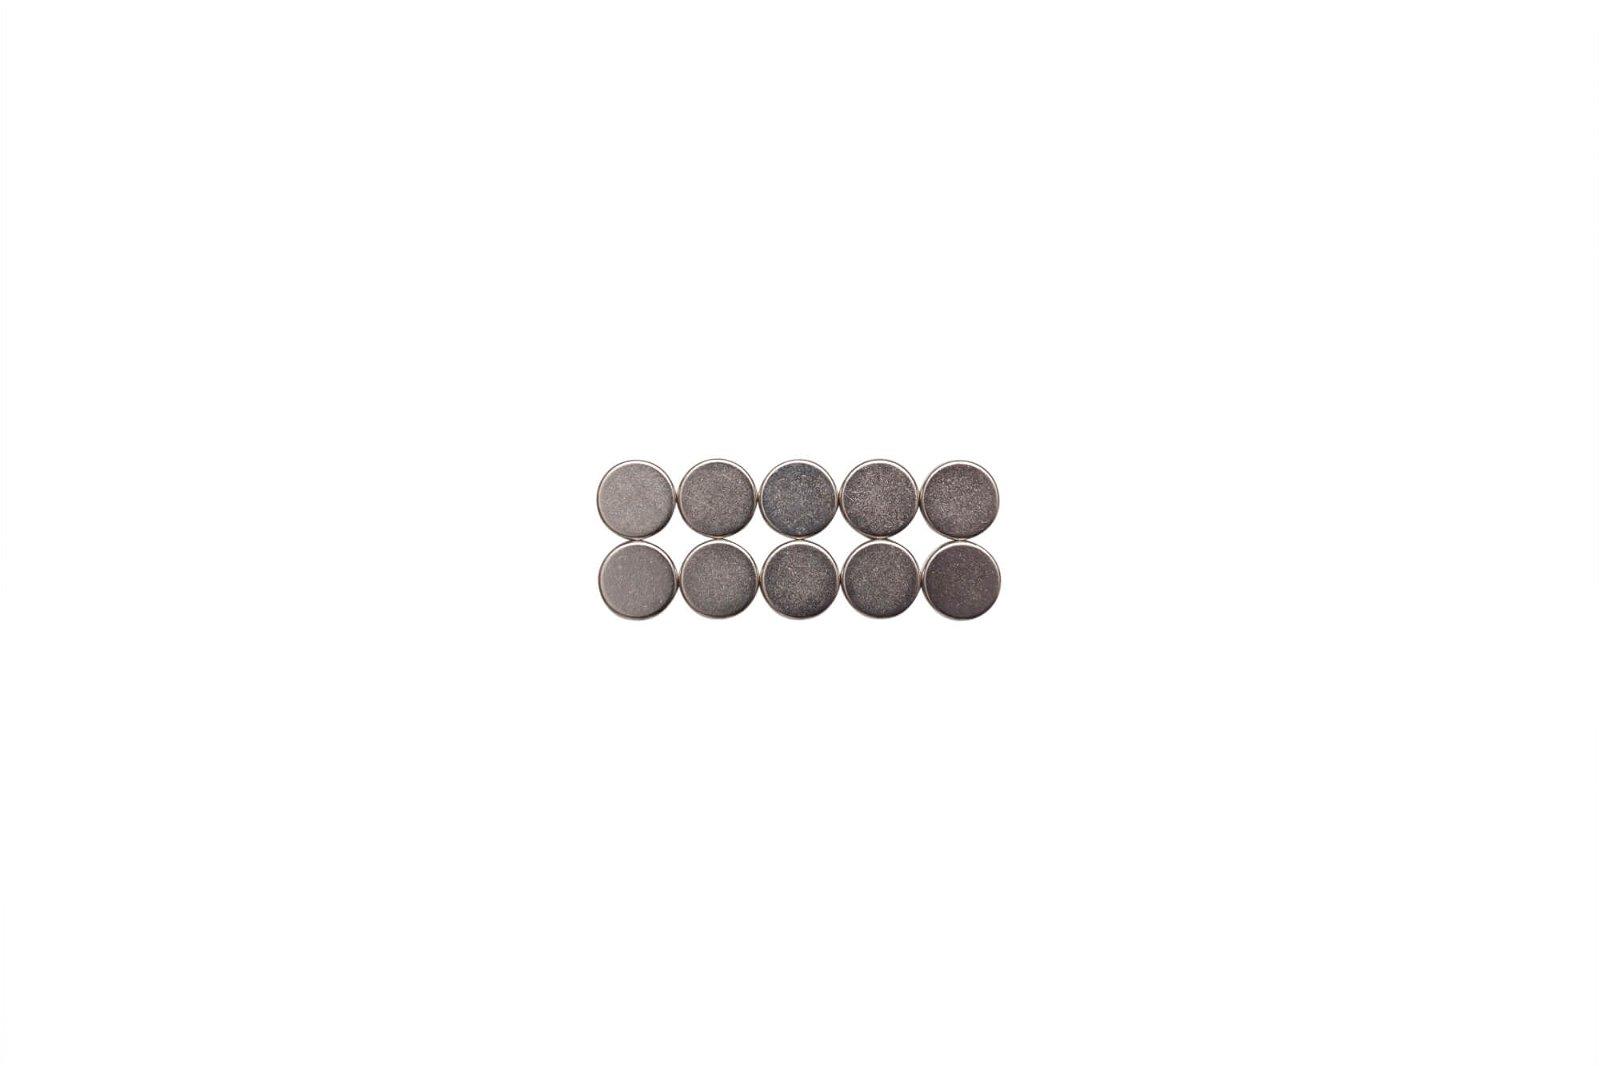 Neodym-Magnet, Ø 10x3 mm, 2 kg Haftkraft, 10 St./Set, hellsilber